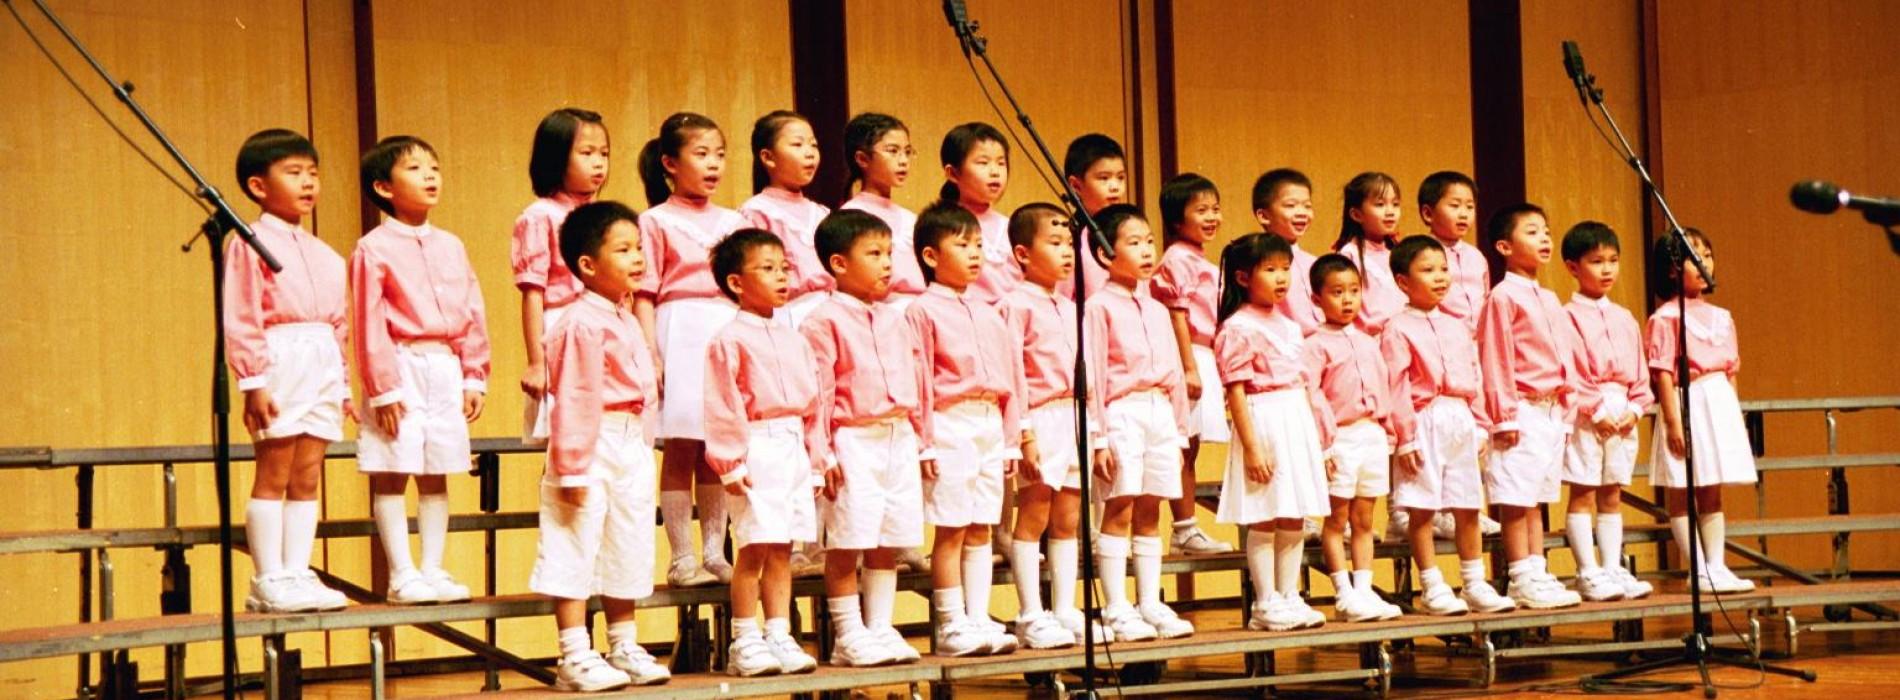 葉氏兒童音樂實踐中心(尖沙咀分校)